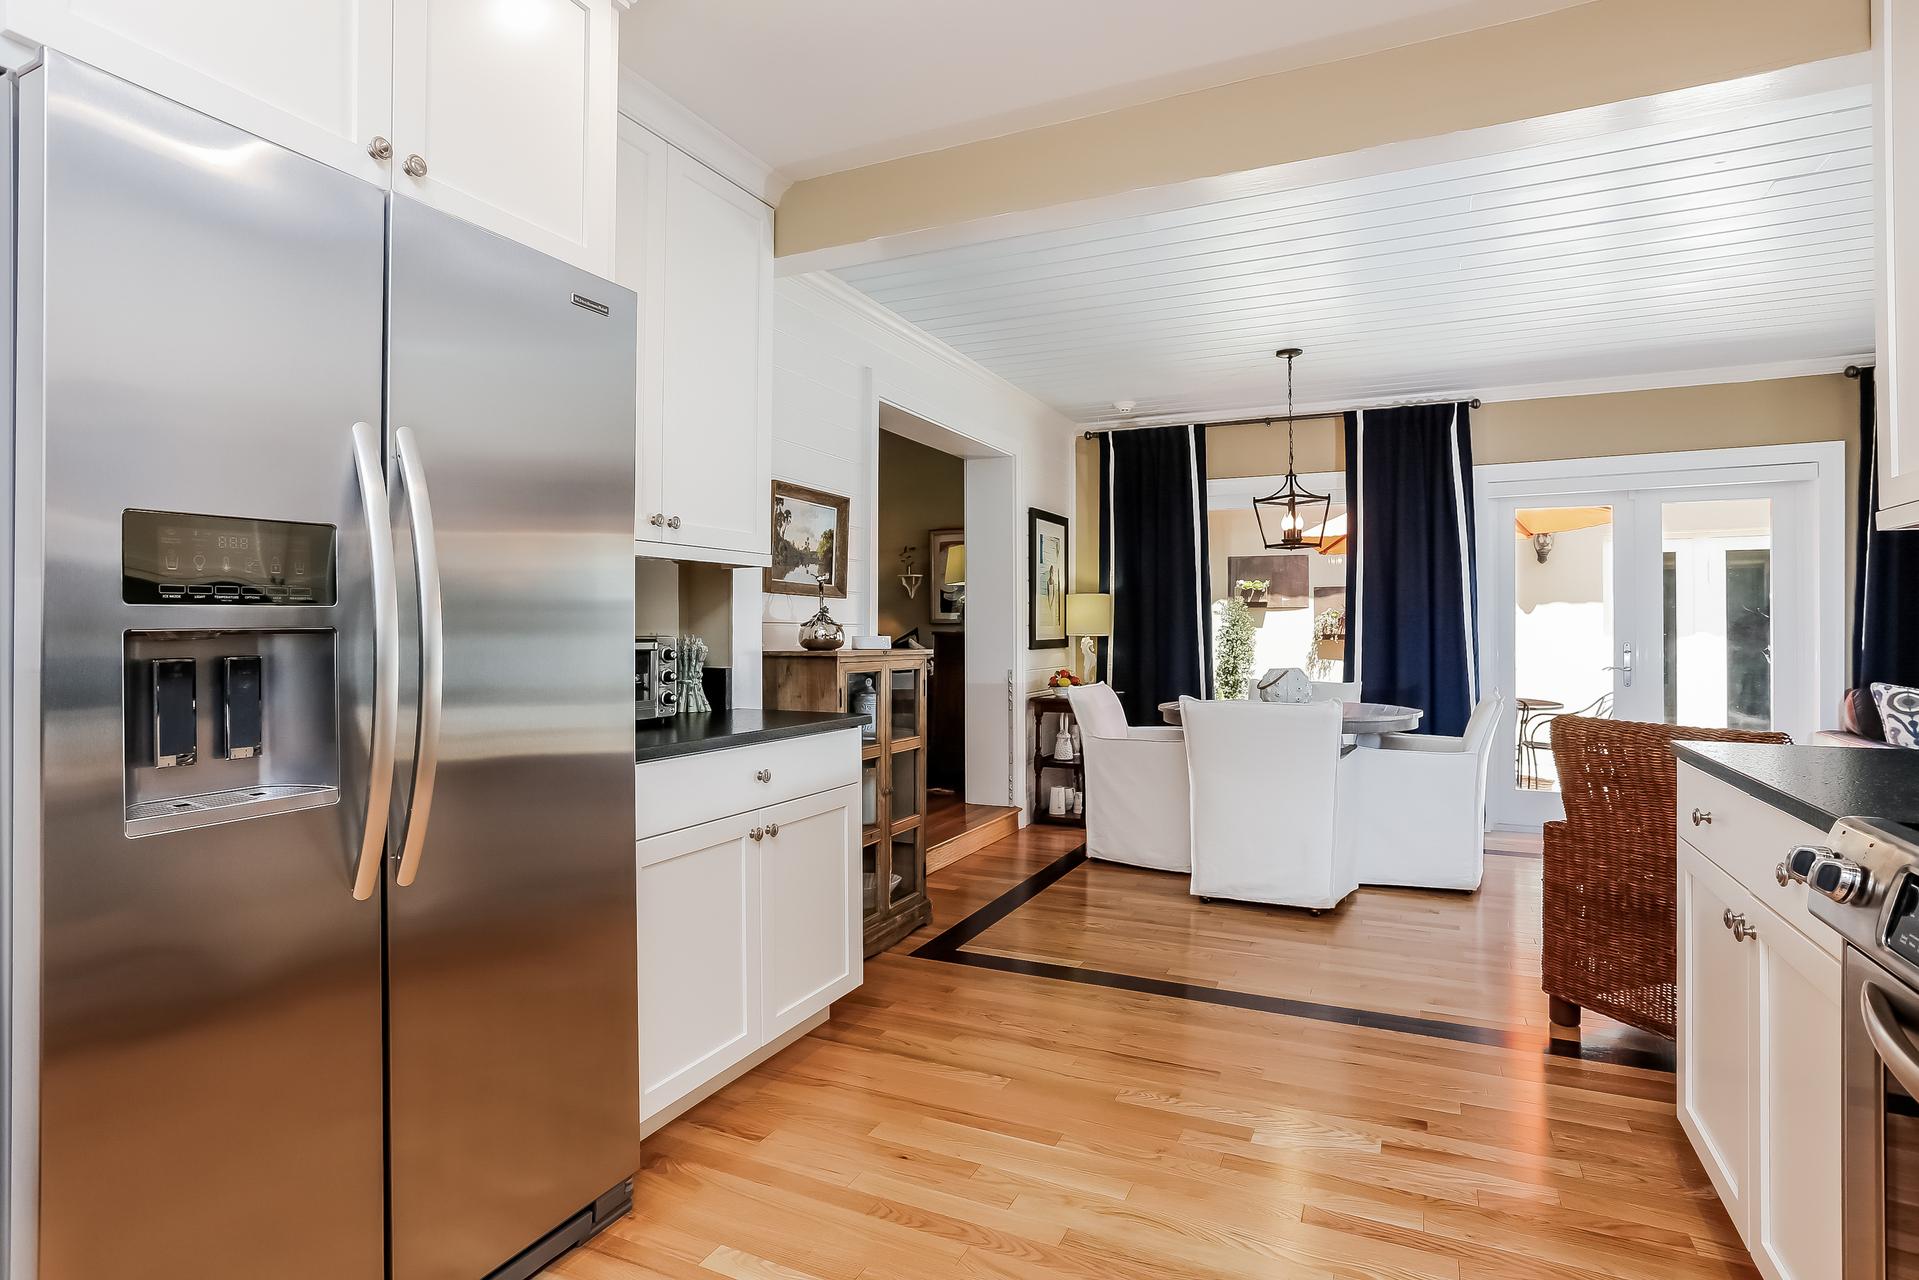 016-Kitchen-2647608-medium.jpg